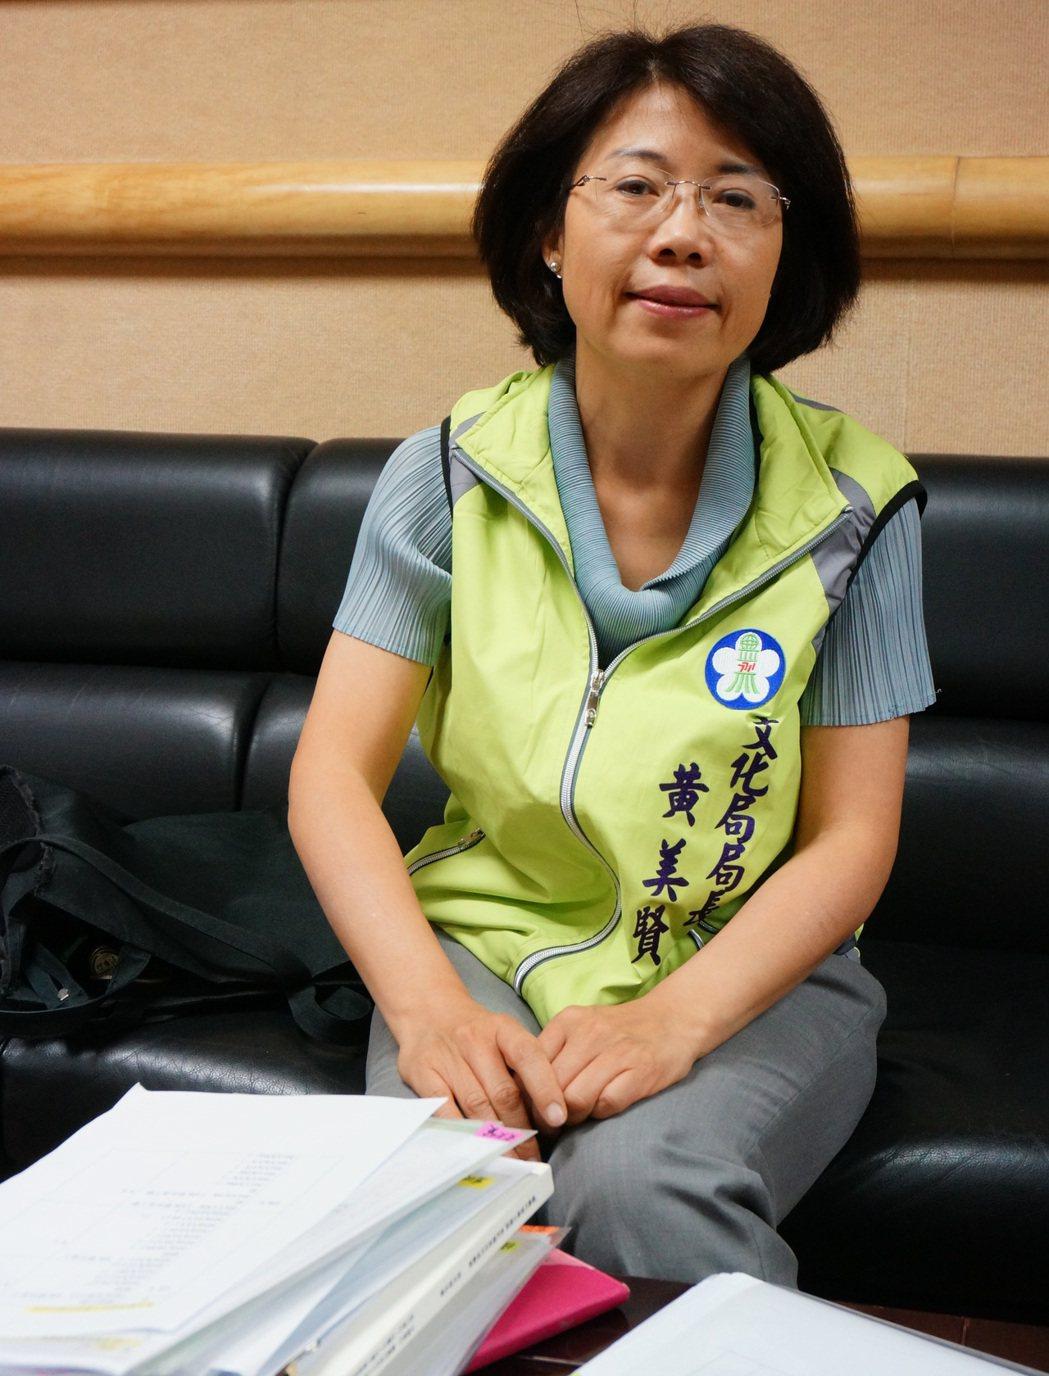 嘉市府文化局長黃美賢去年1月到任。記者林伯驊/攝影